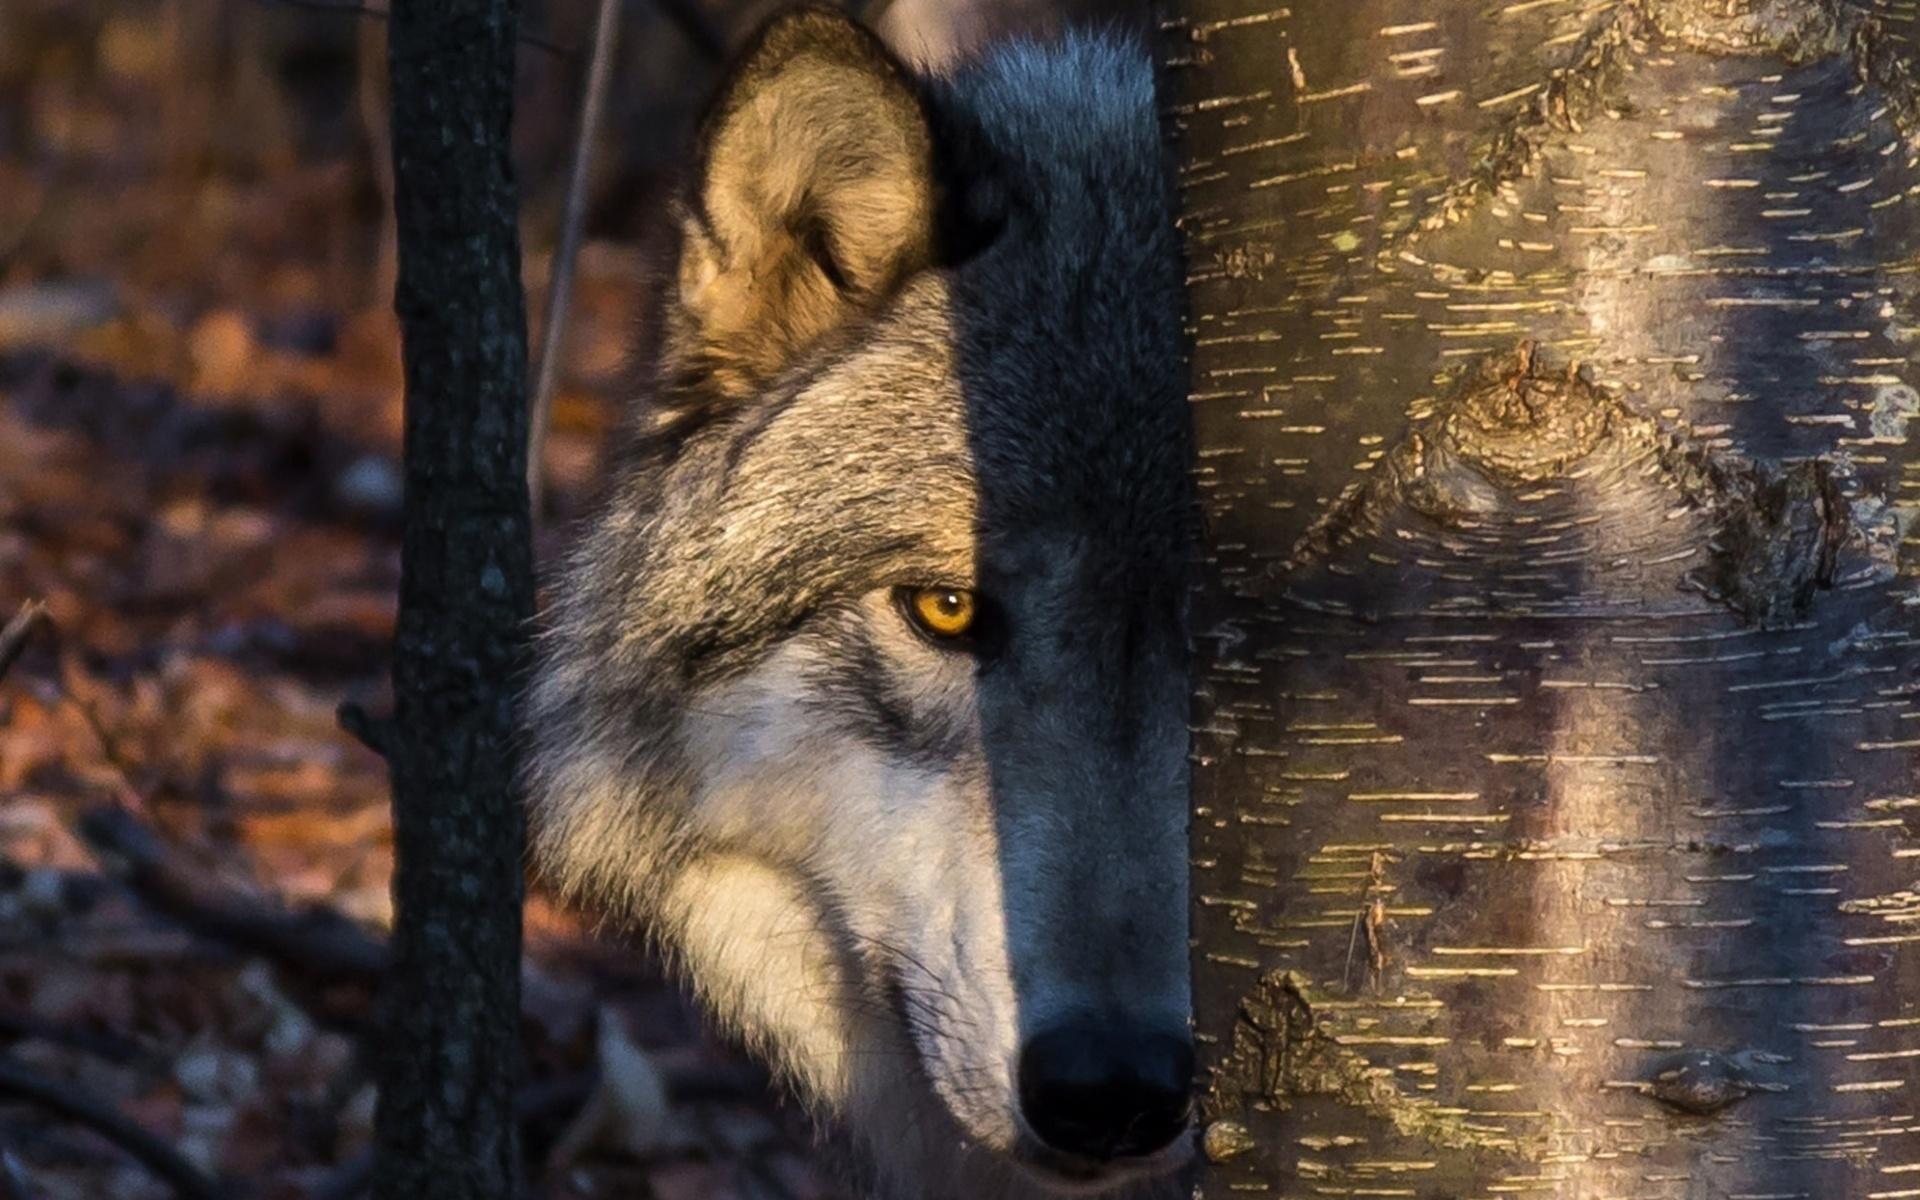 качественные картинки с волками видео записи